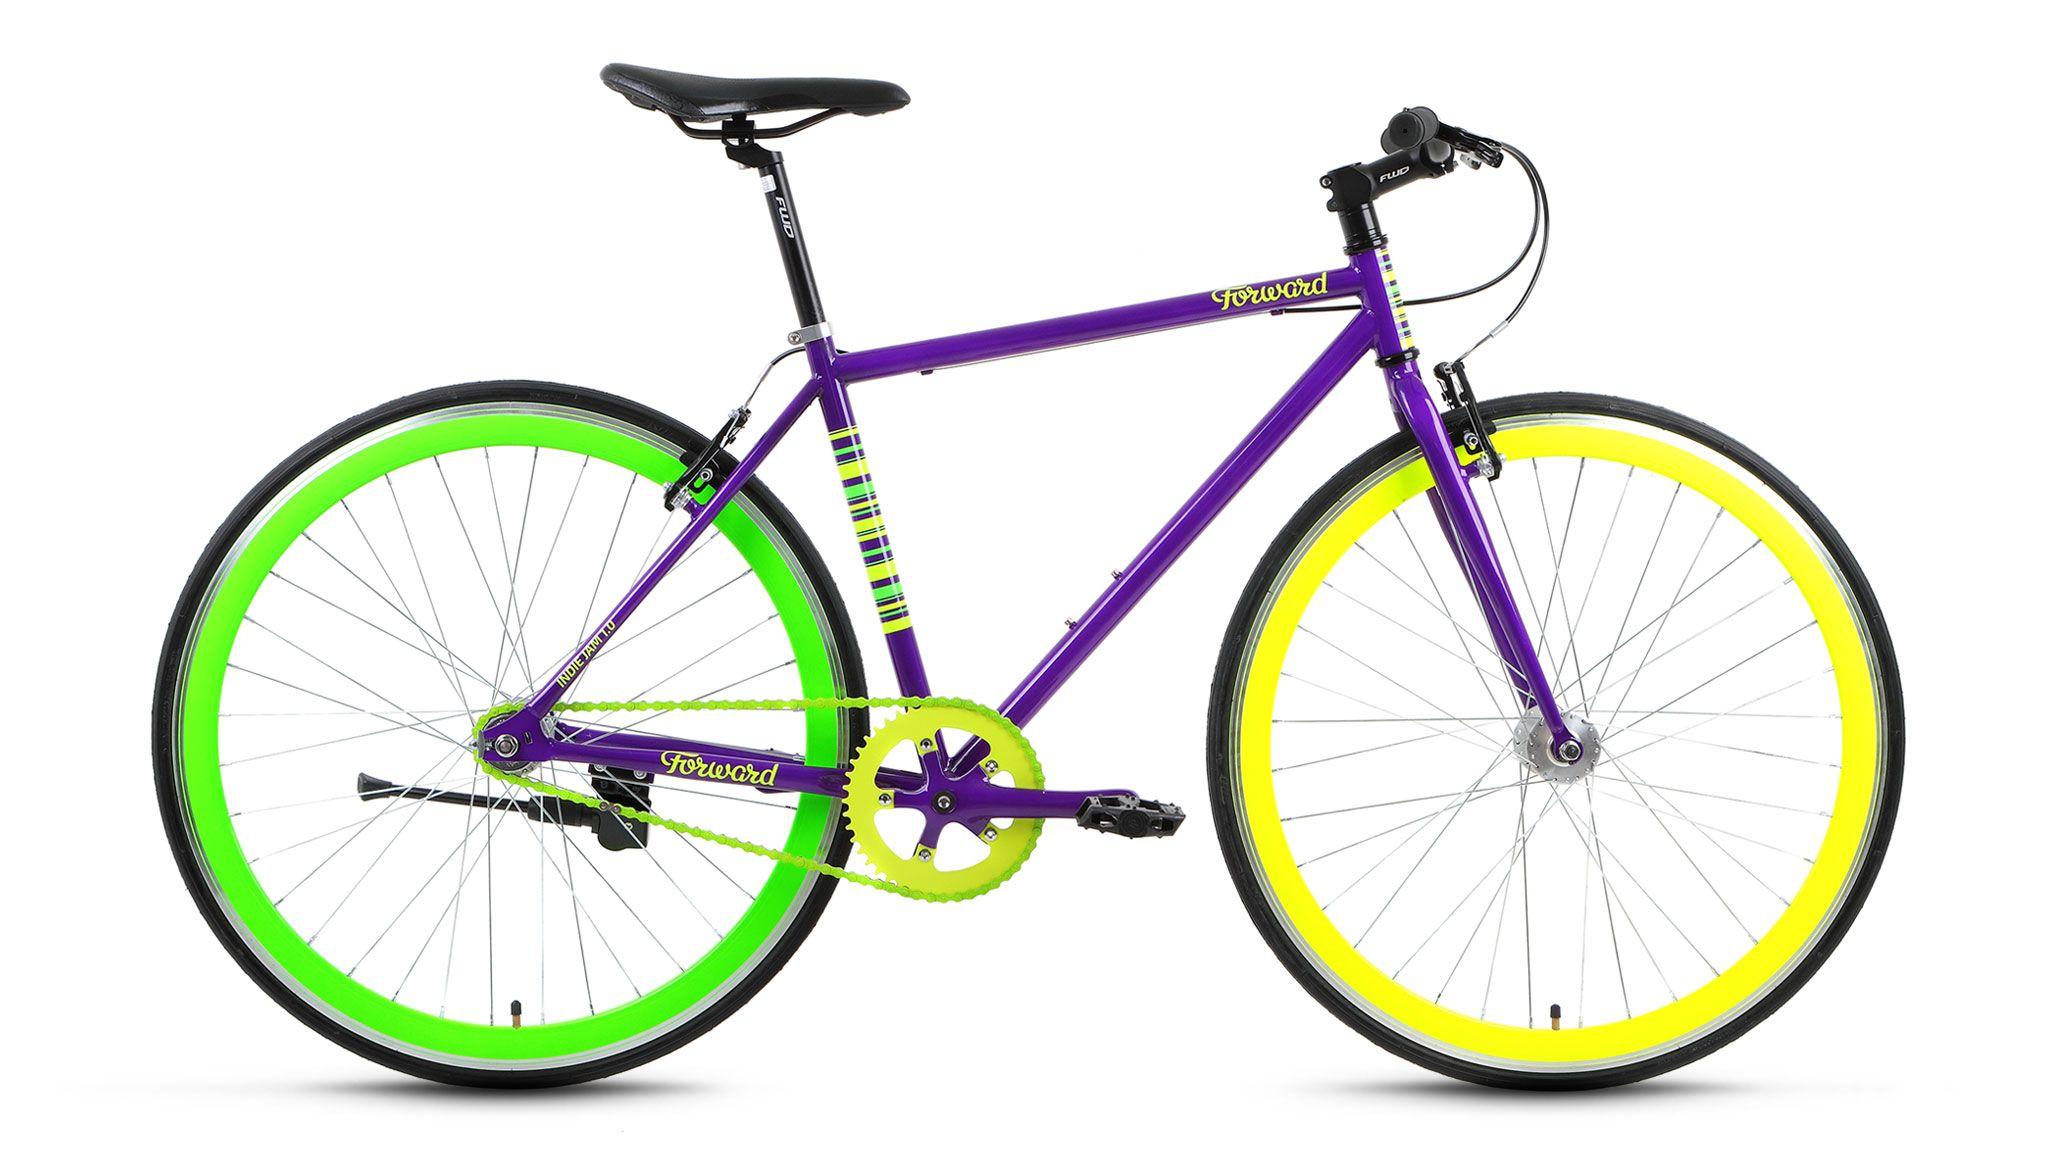 Велосипед Forward Indie Jam 1.0 (2017) фиолетовый 18КОМФОРТНАЯ ПОСАДКА<br><br><br>бренд: FORWARD<br>год: 2017<br>рама: Сталь (Hi-Ten)<br>вилка: Жесткая (сталь)<br>блокировка амортизатора: Нет<br>диаметр колес: 700C<br>тормоза: Ножной ( Coaster brake)<br>уровень оборудования: Начальный<br>количество скоростей: 1<br>Цвет: фиолетовый<br>Размер: 18